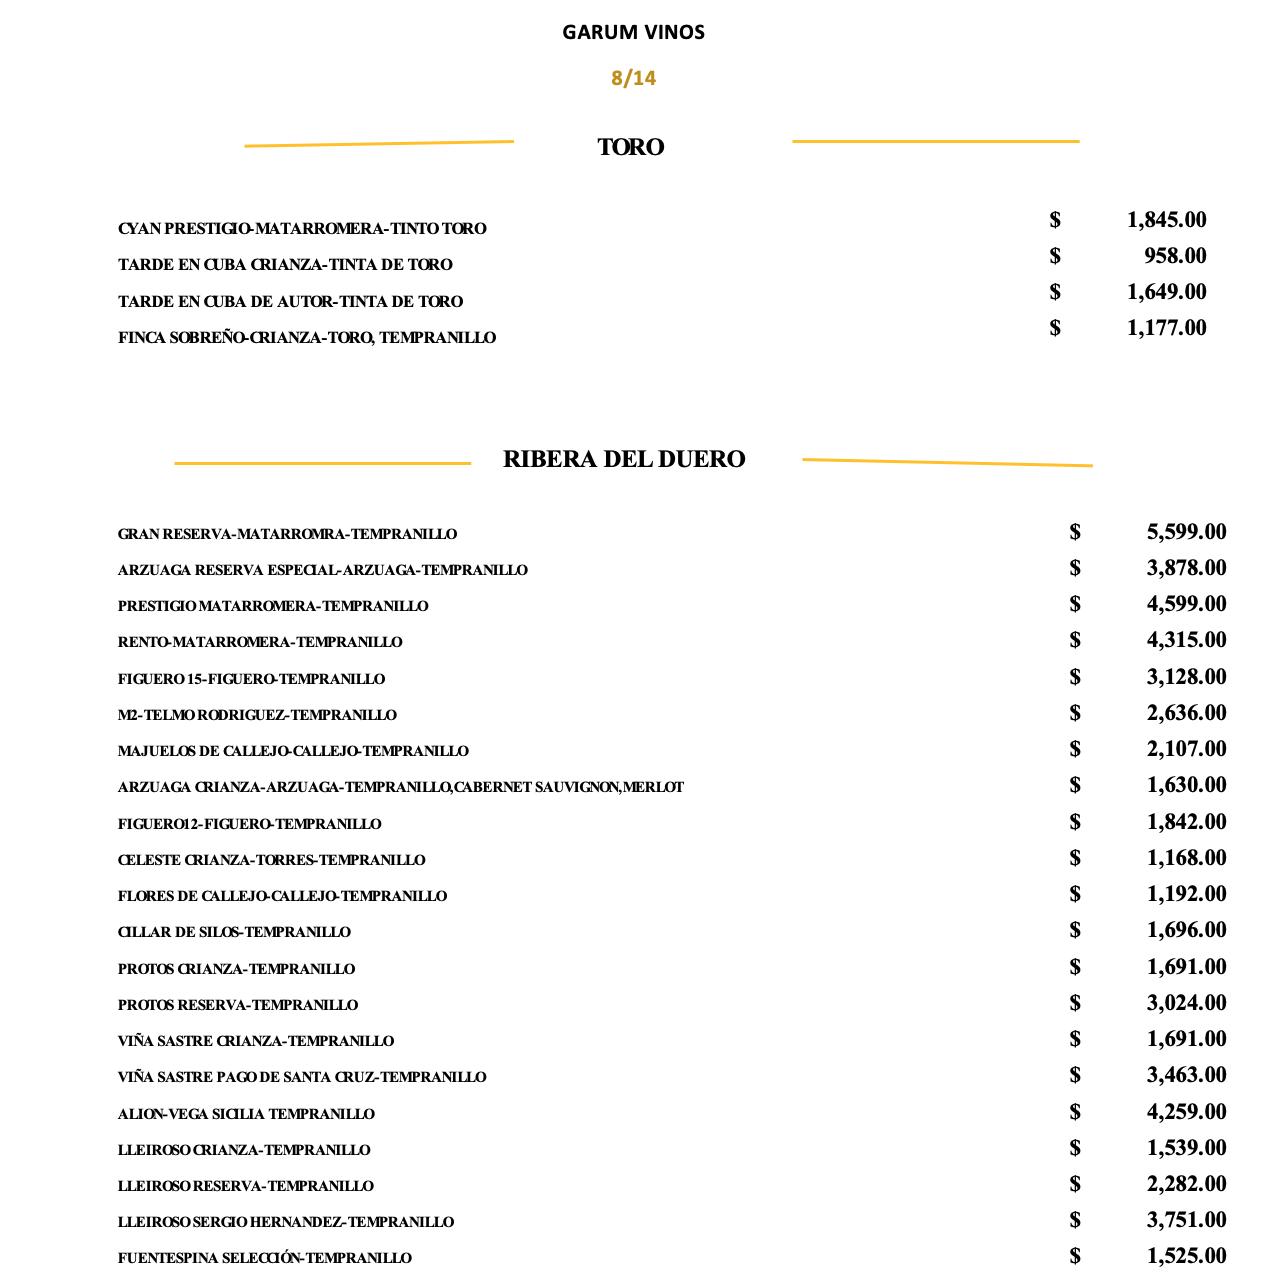 Captura de Pantalla 2020-09-24 a la(s) 16.54.39